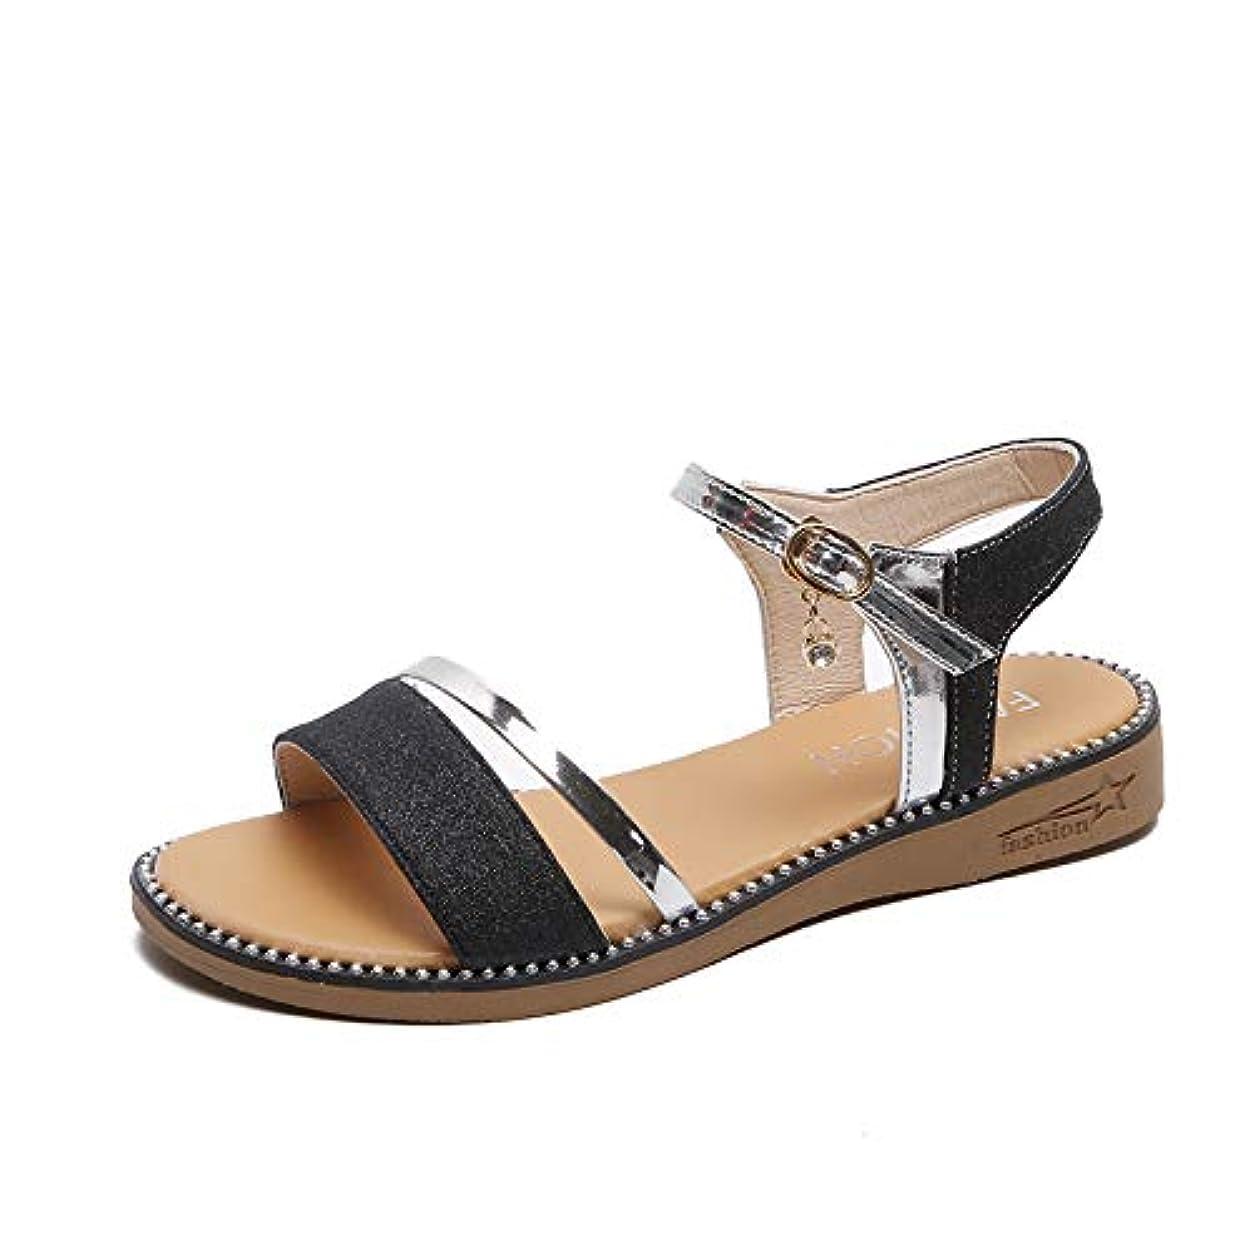 タイプ神顔料[フェイミー] ローヒール サンダル ウェッジ ソール ストラップ 付き 履きやすい 歩きやすい 黒 22.0cm ~ 24.5cm レディース